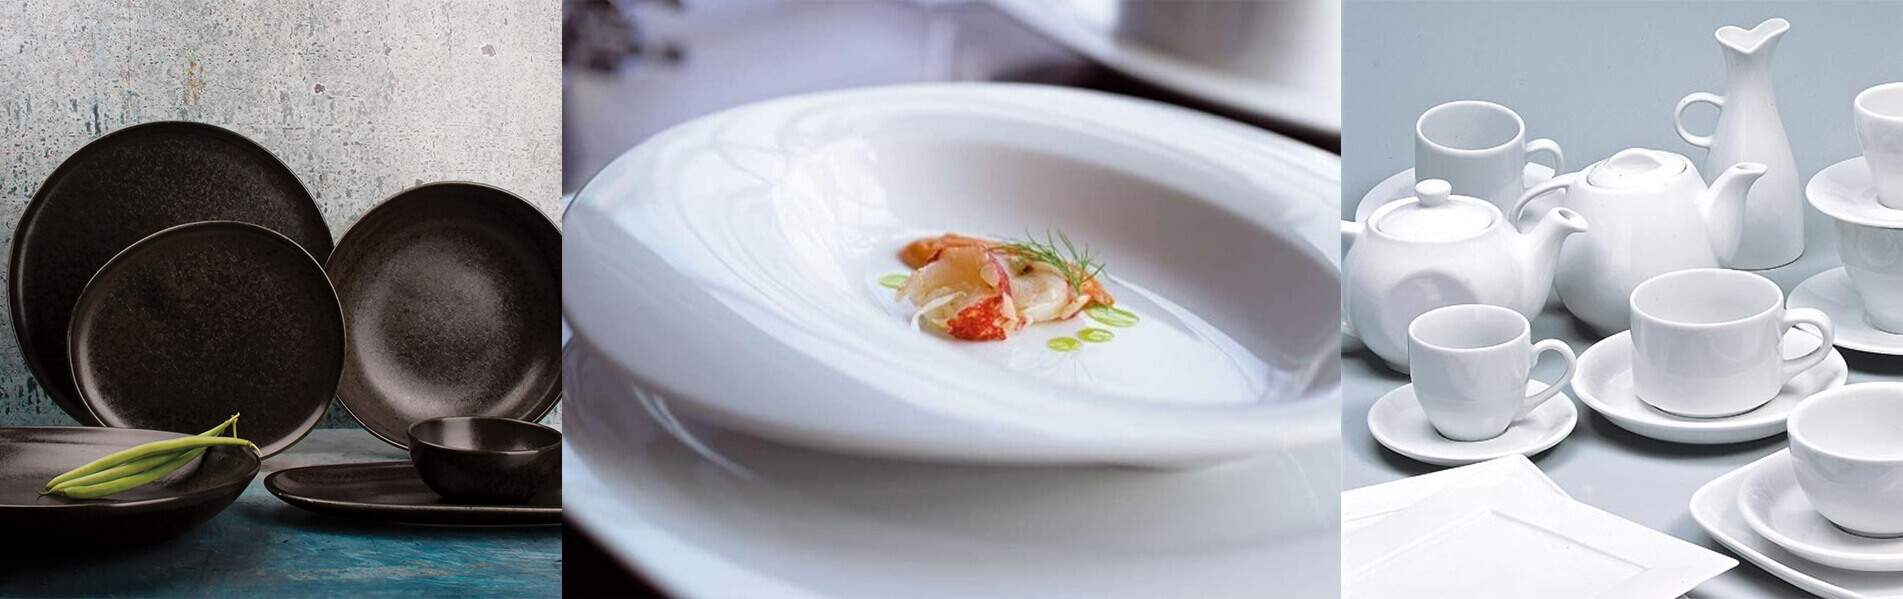 Série d'assiettes pour l'horeca | Acheter en ligne au meilleur prix | matériel horeca & ustensile de cuisine